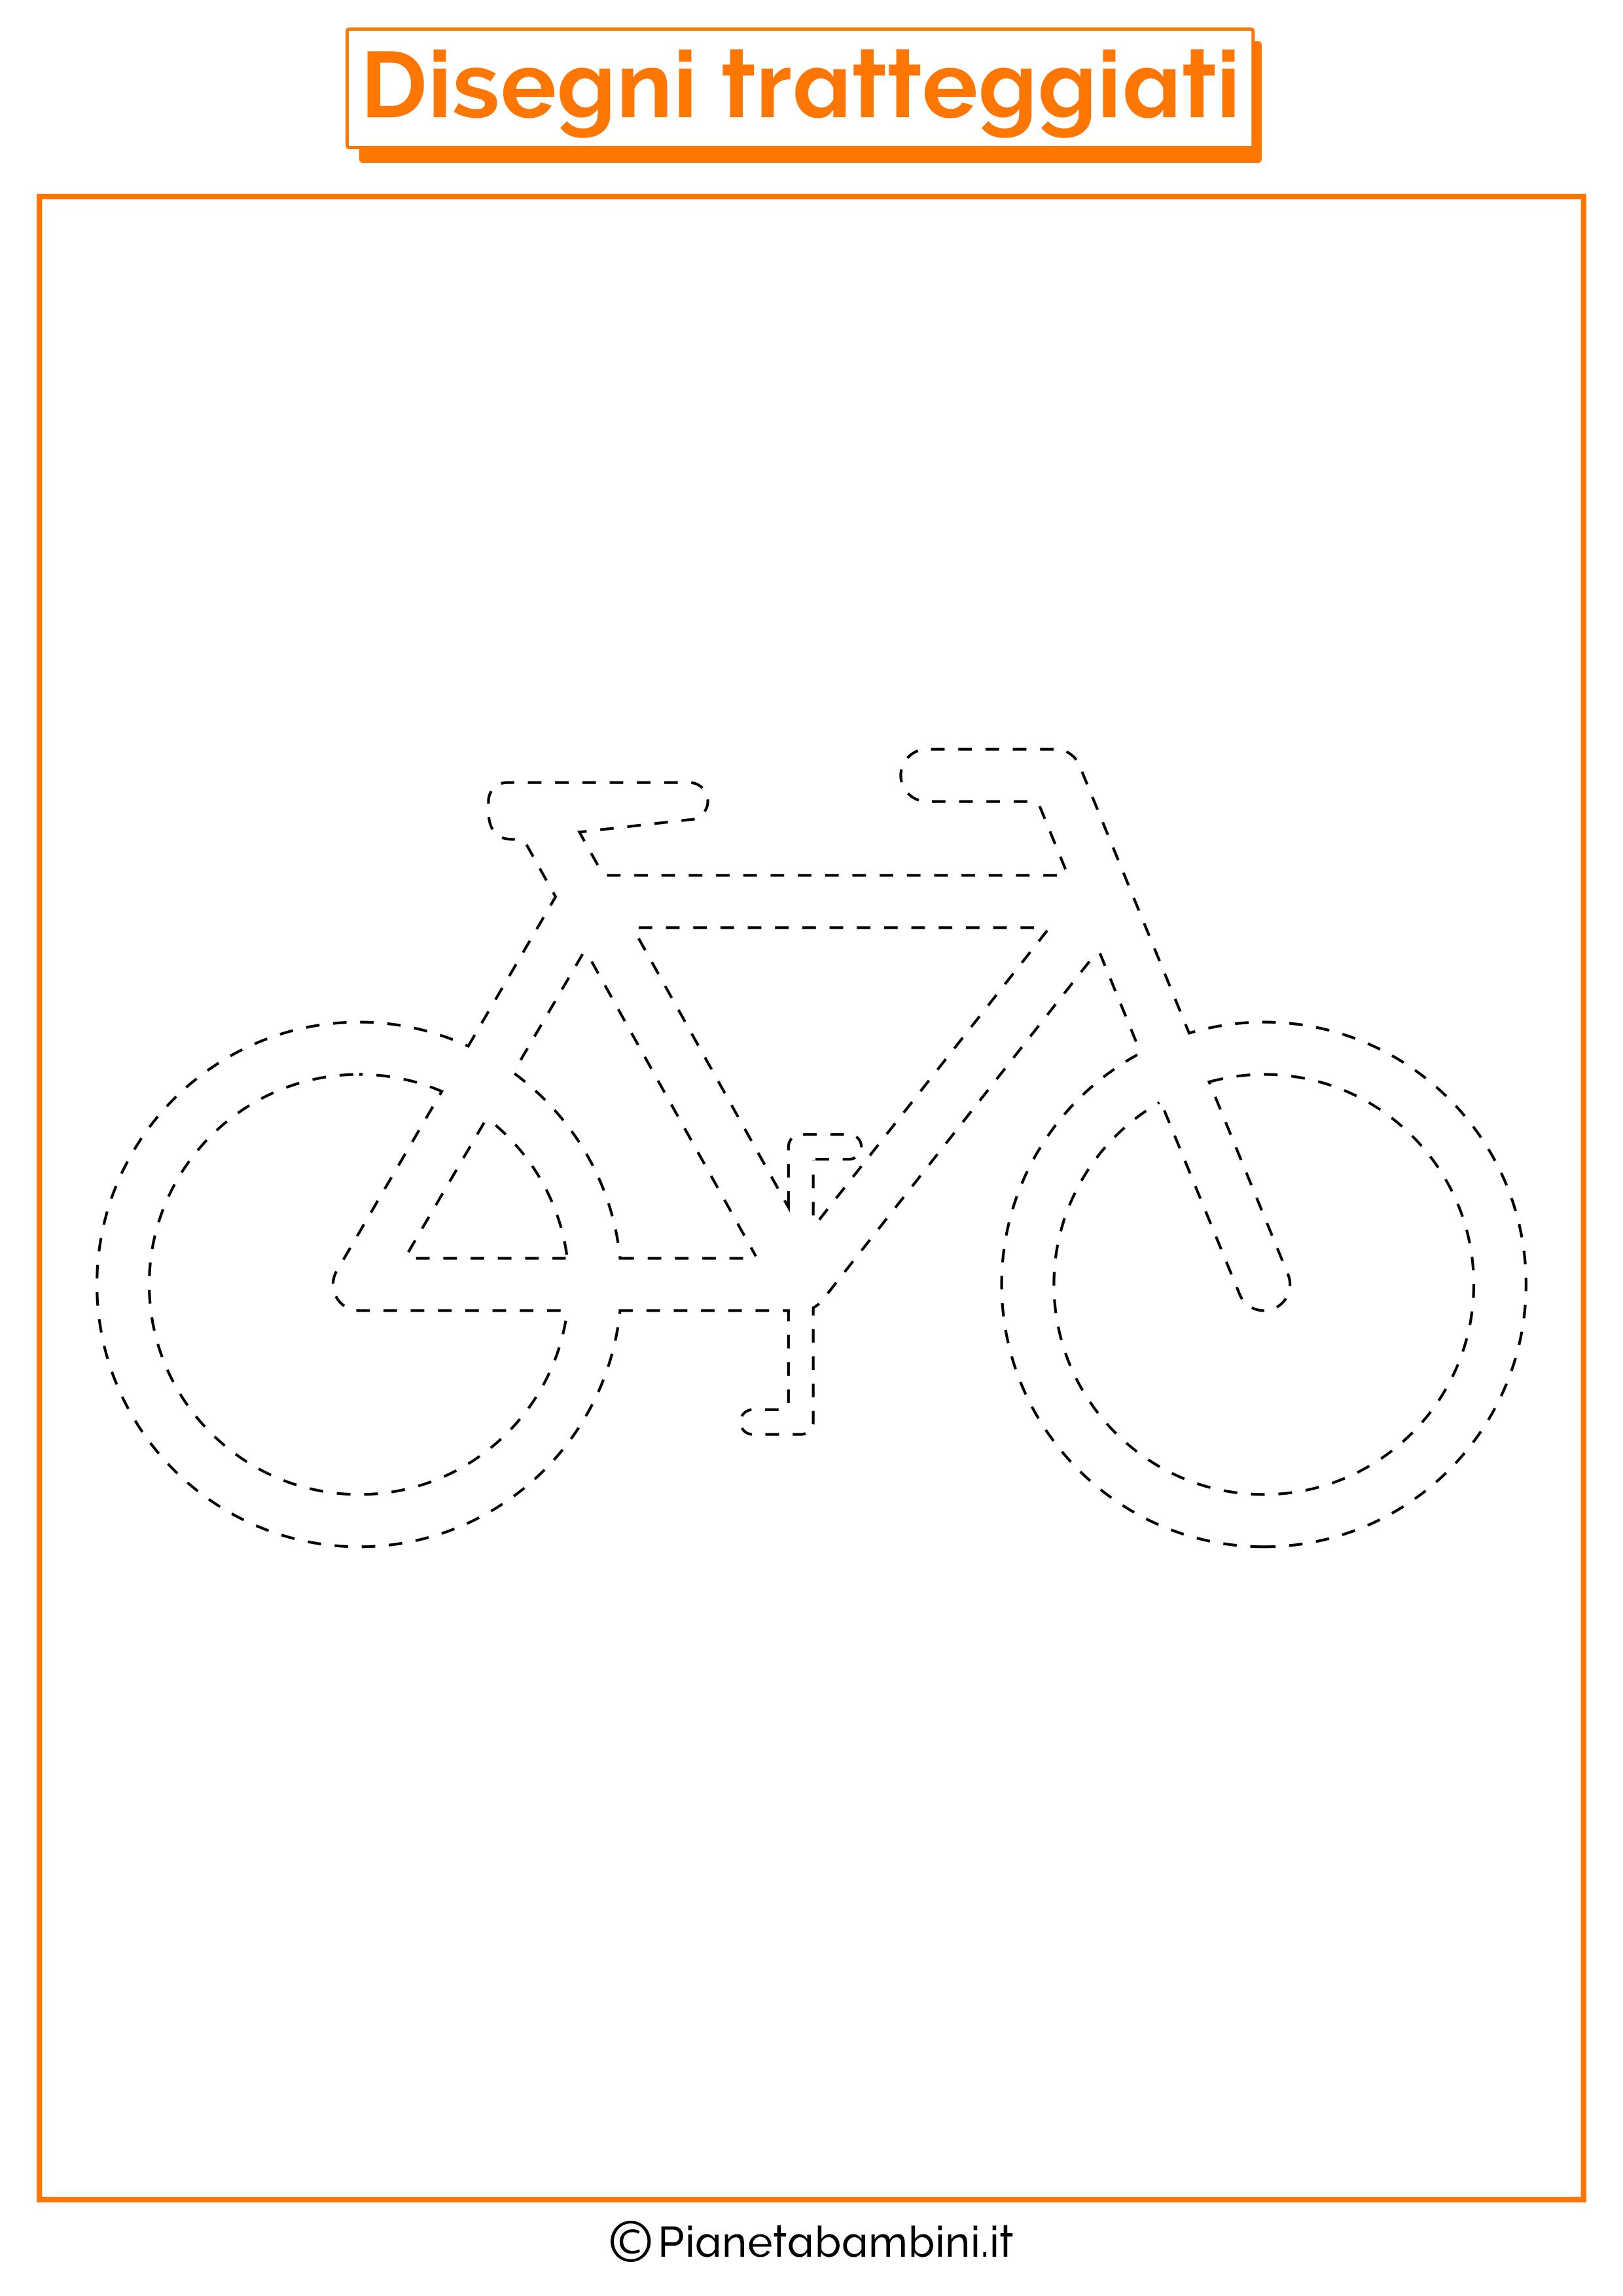 Disegni-Tratteggiati-Bicicletta